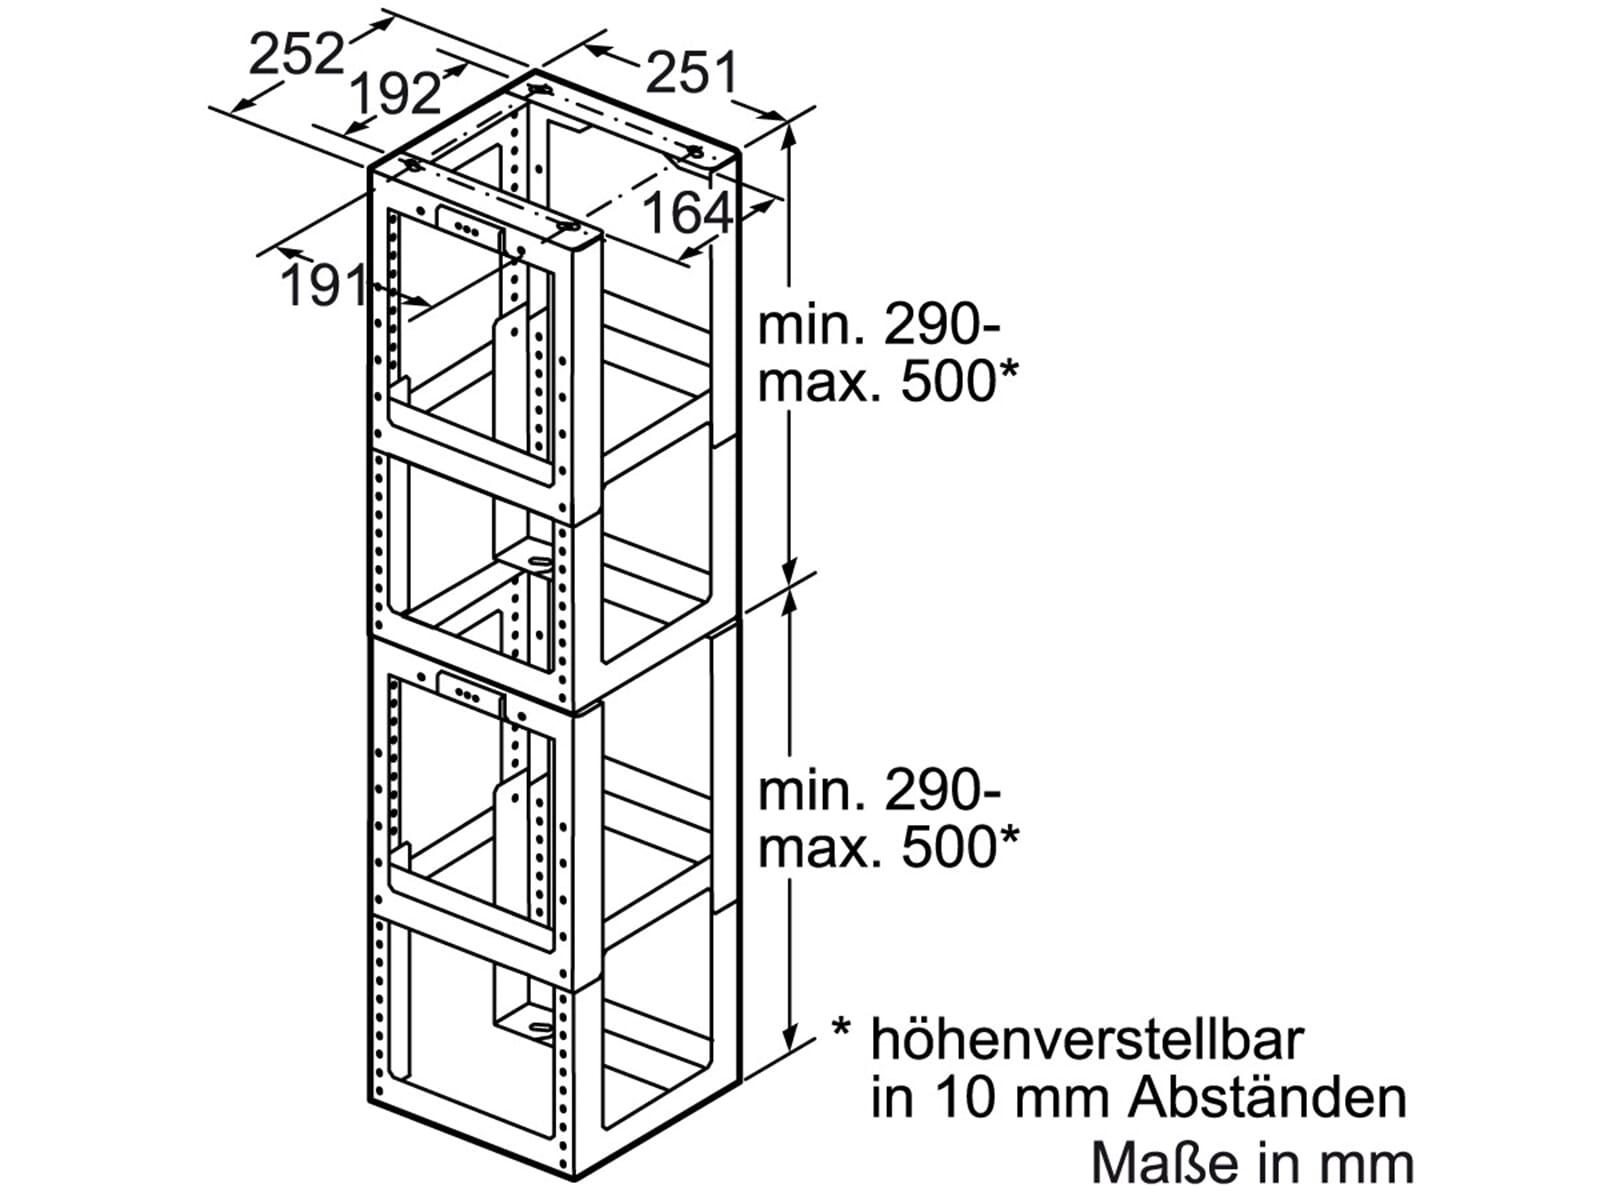 Siemens LZ12520 Montageturmverlängerung 1000 mm